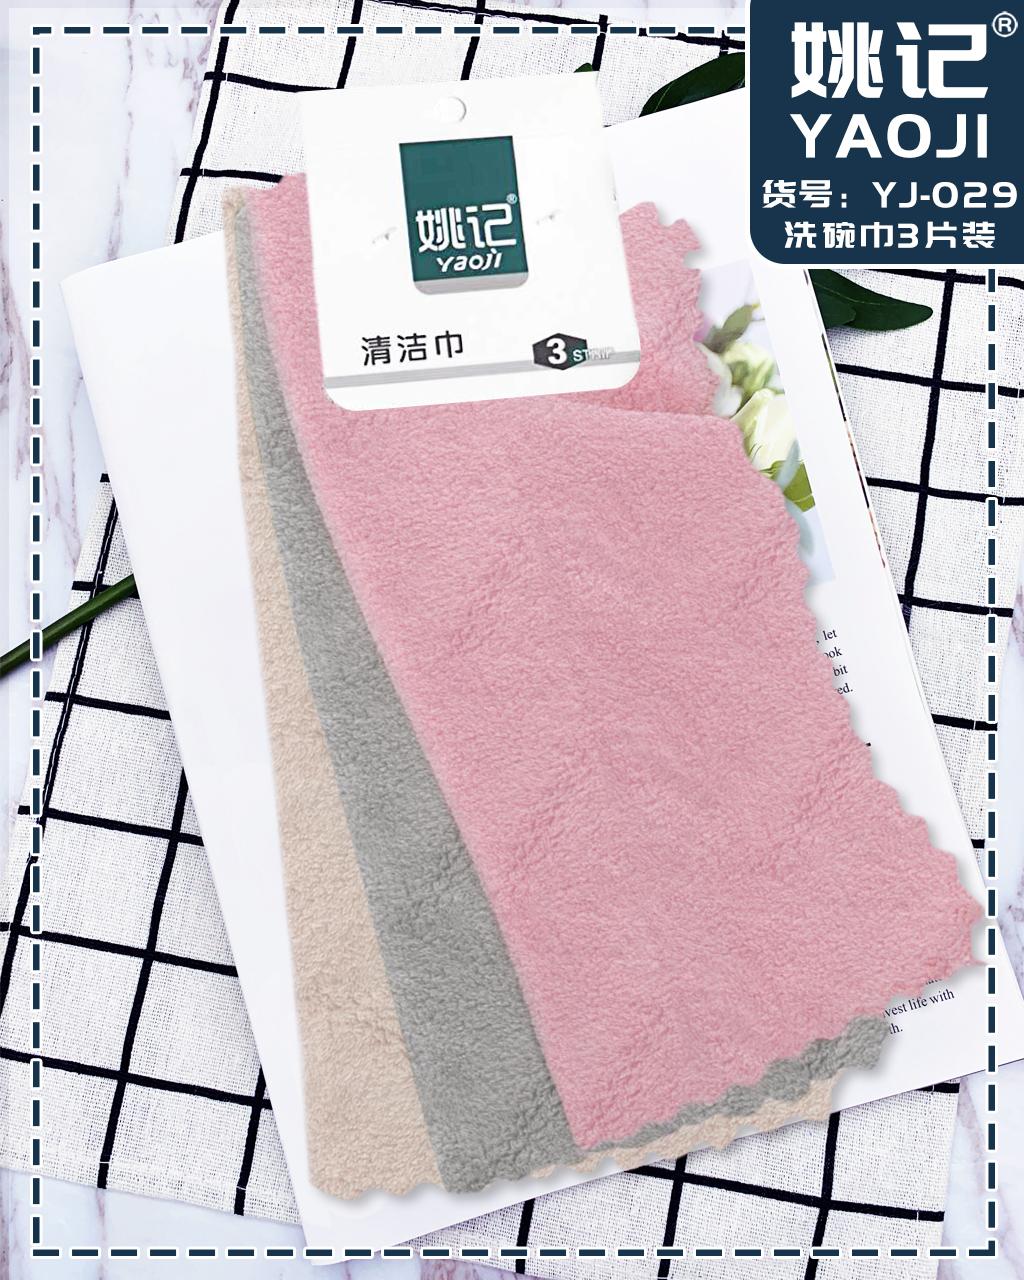 洗潔巾3片裝—YJ029